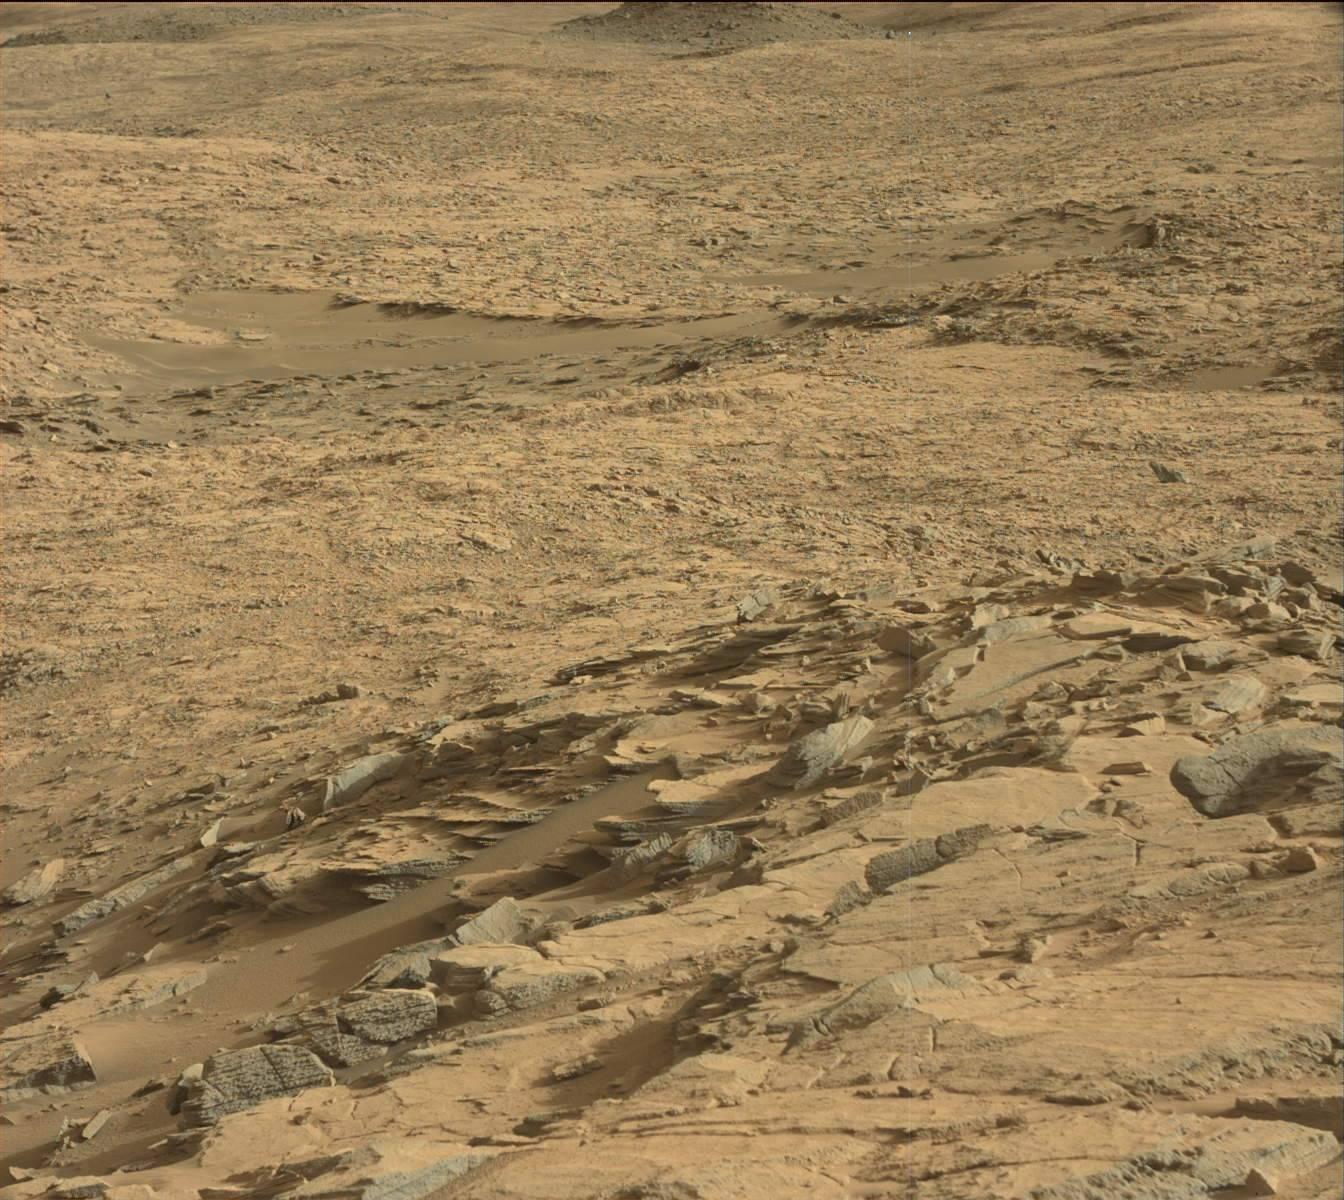 jpl mars rover curiosity - photo #10